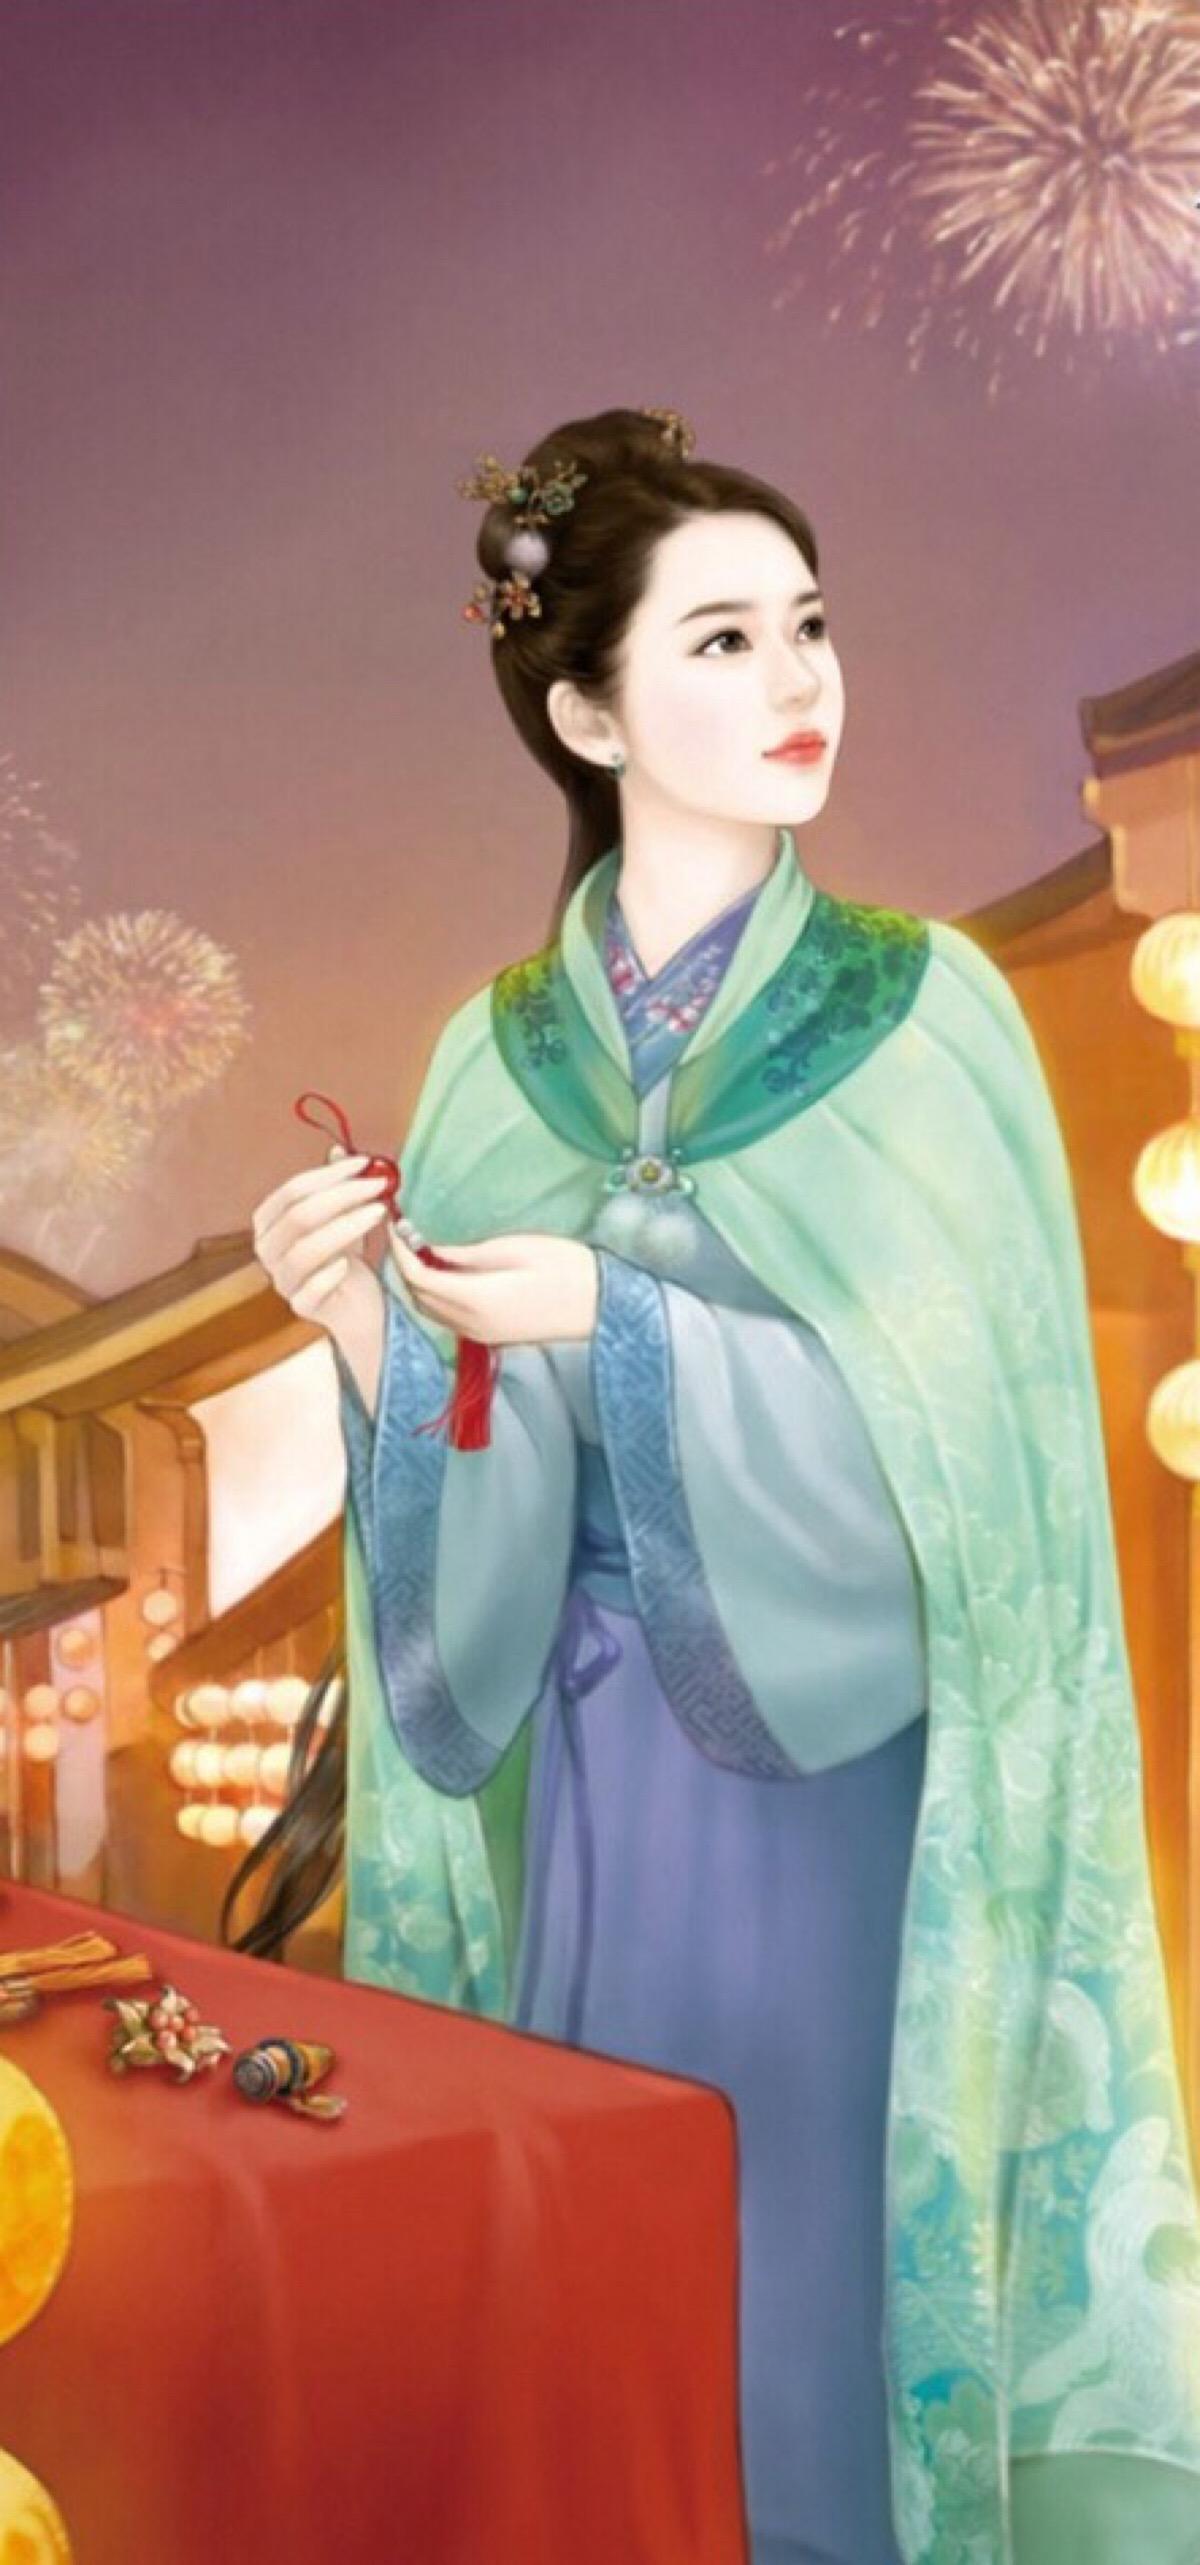 热门穿越小说《小农女的锦绣人生》小说完整版在线阅读